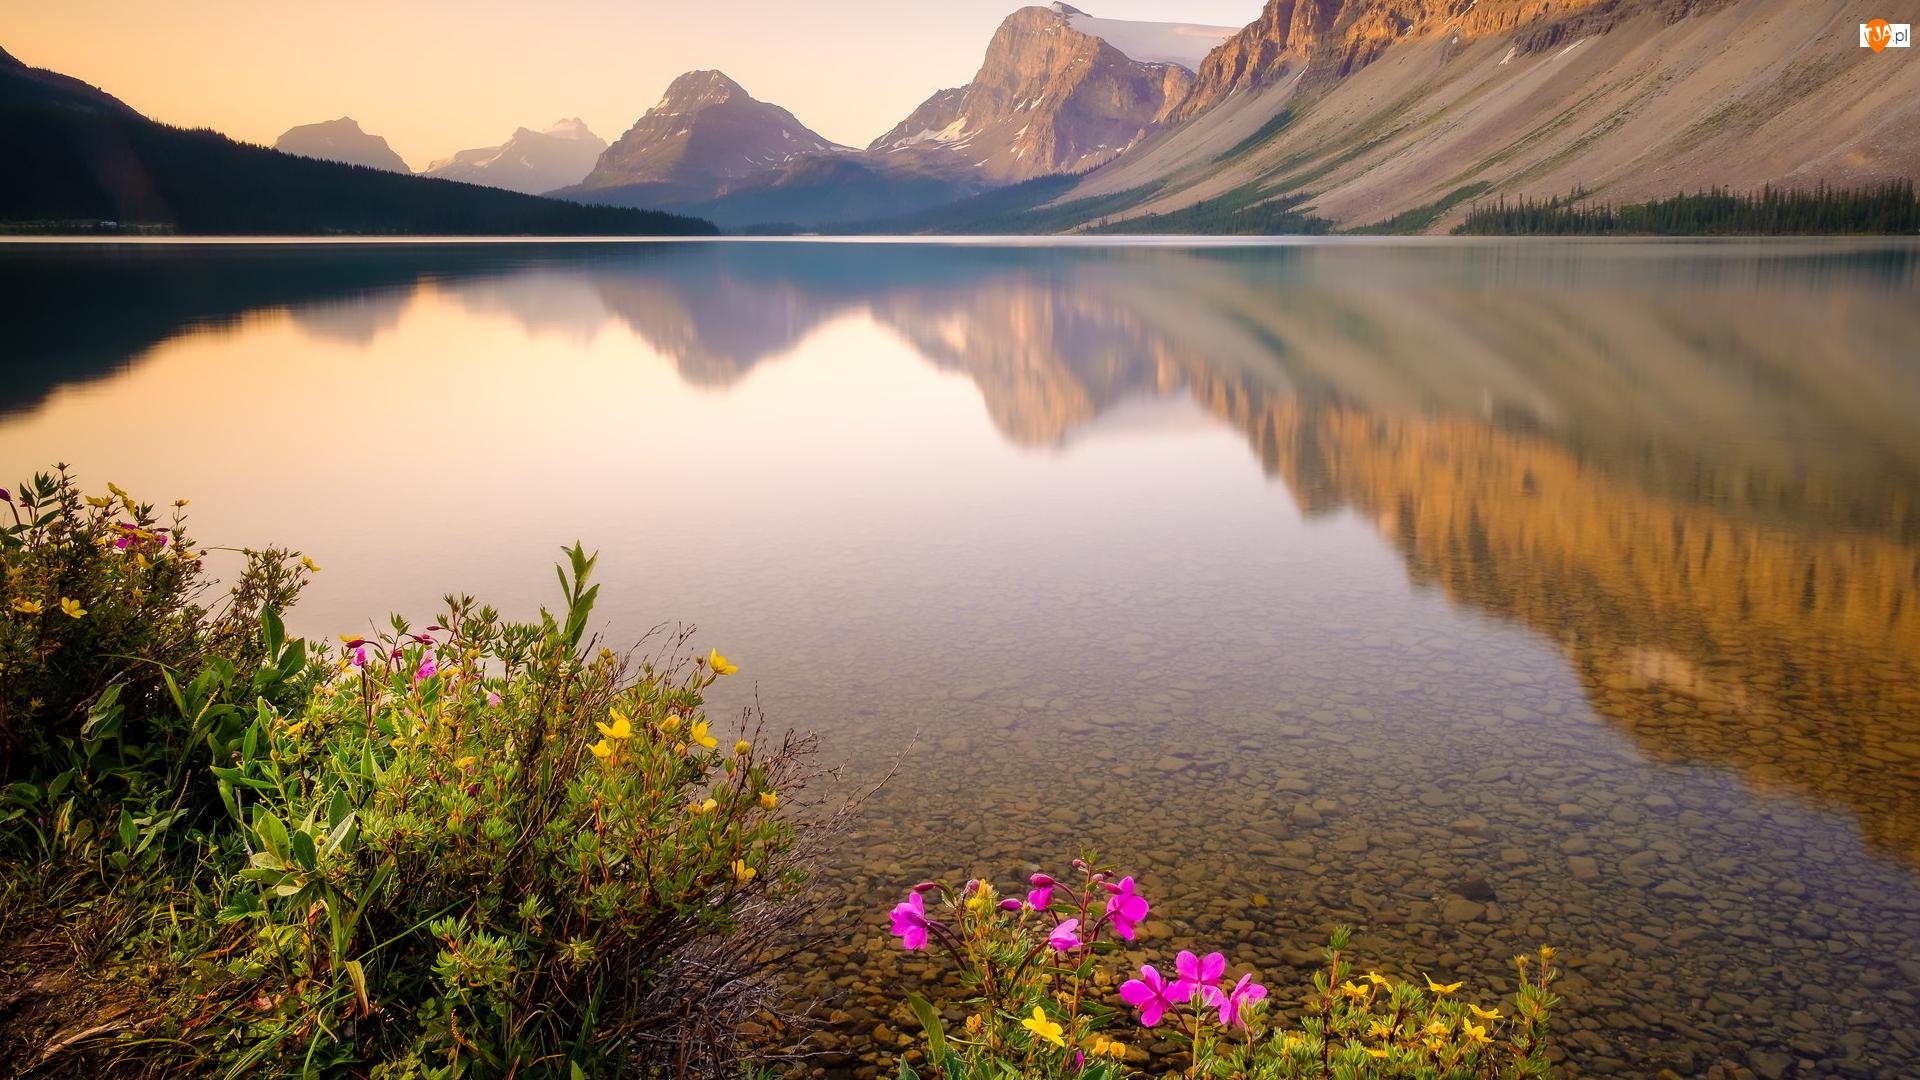 Góry Skaliste, Jezioro Bow Lake, Park Narodowy Banff, Kanada, Kwiaty, Prowincja Alberta